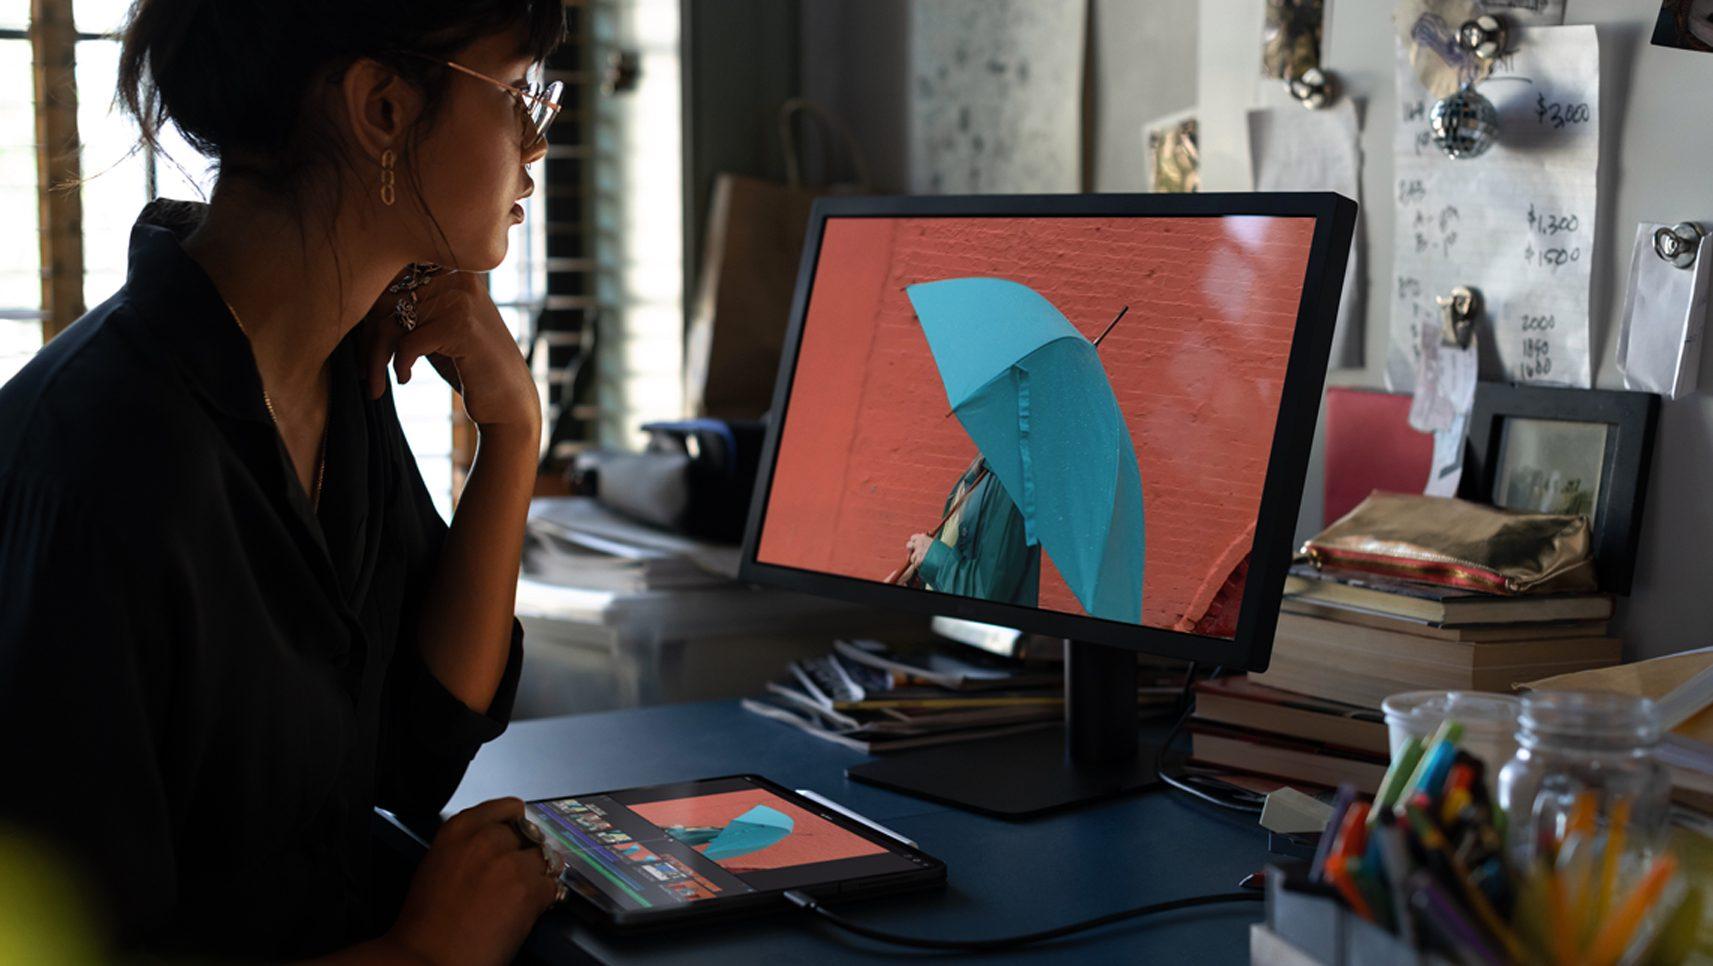 """<span href=""""https://9to5mac.com/2018/11/07/ipad-pro-usb-c-accessories/"""">¿Qué se puede conectar con el nuevo iPad Pro con USB-C?</a>"""